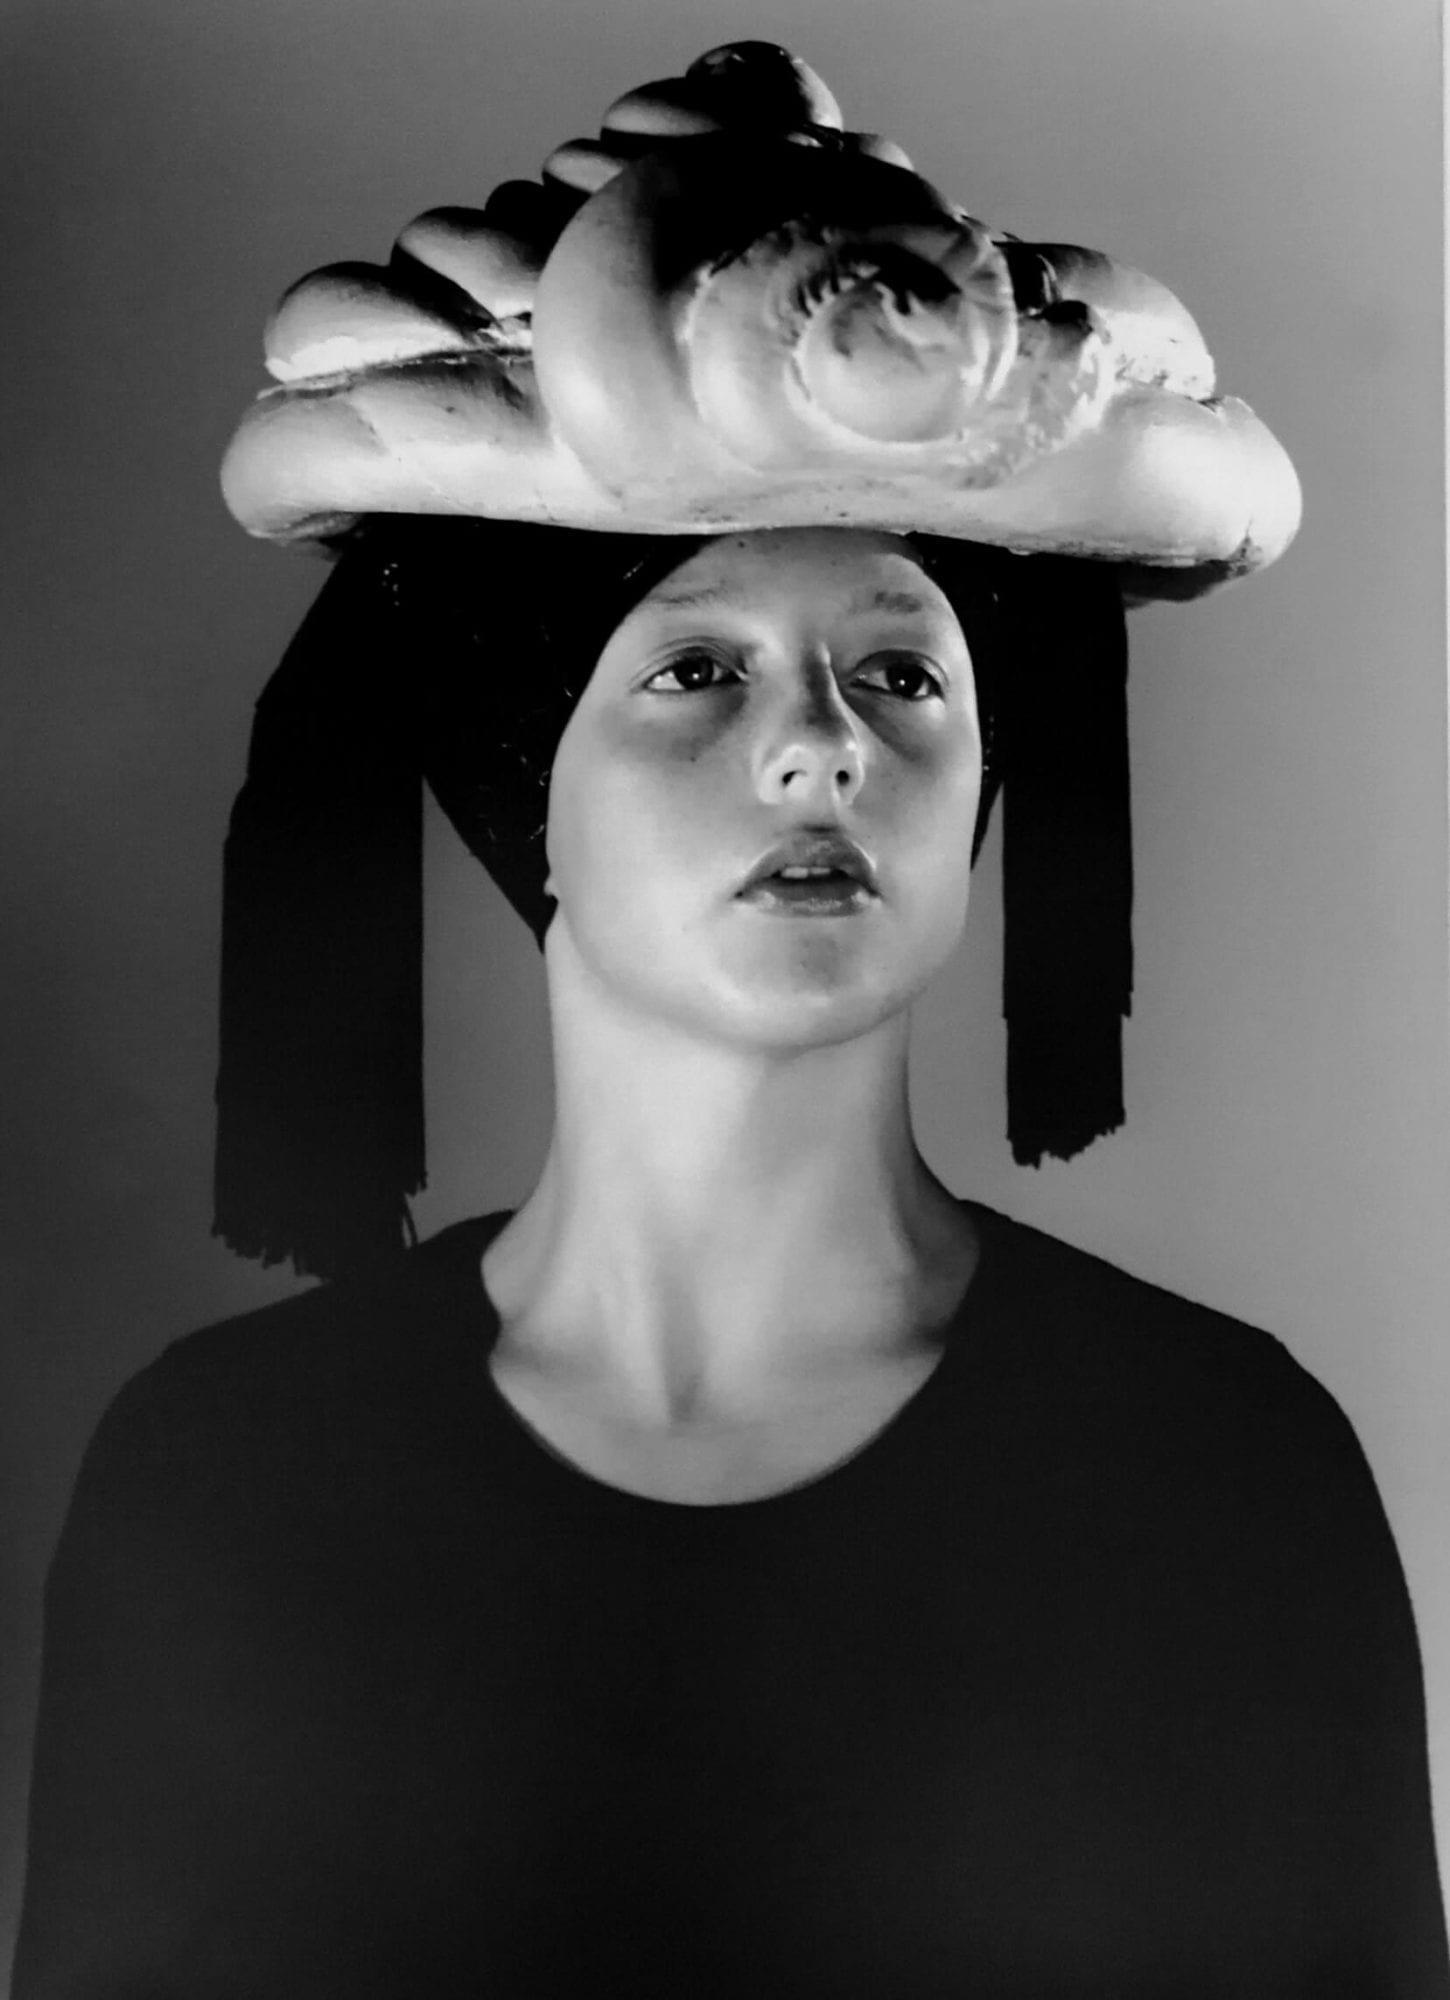 Eva Lootz, Pequeño teatro de derivas. Gané, gané, dice ella y silba 3 veces, 1994